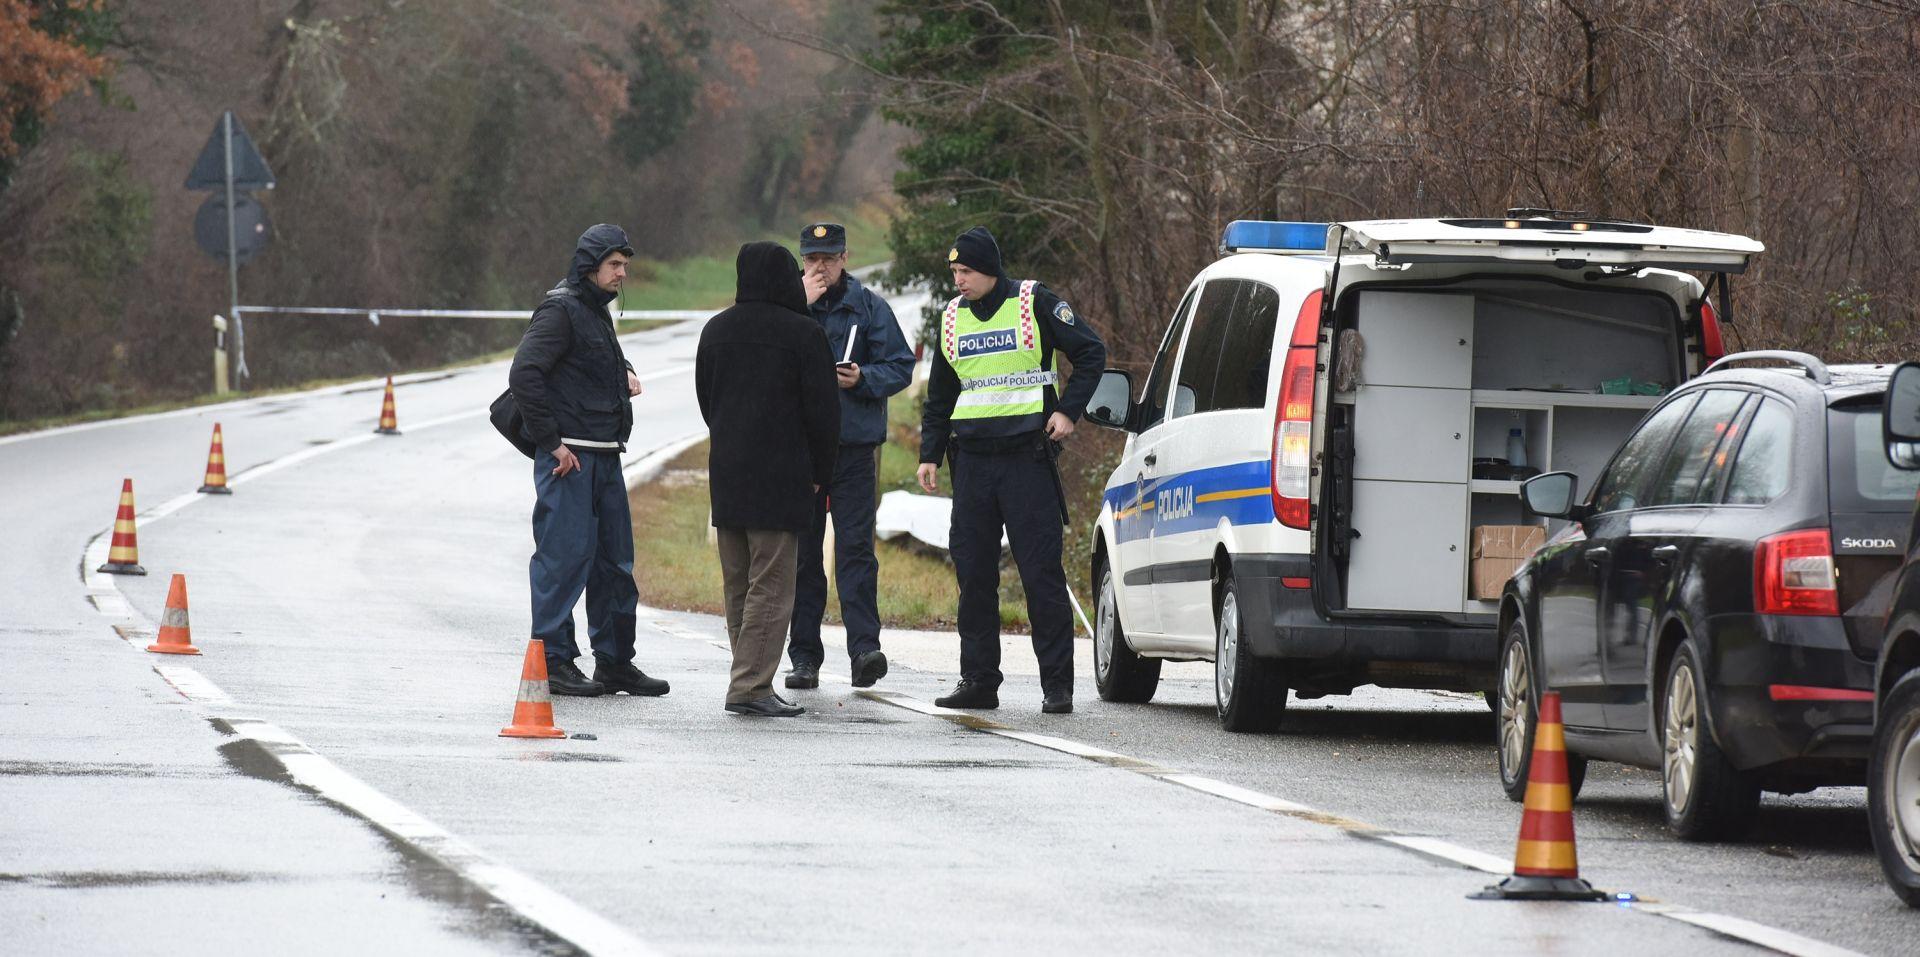 'BIO JE DOBAR RADNIK KOJI JE SVIMA RADO POMAGAO' Policija uhitila vozača koji je usmrtio beskućnika, pa pobjegao s mjesta nesreće